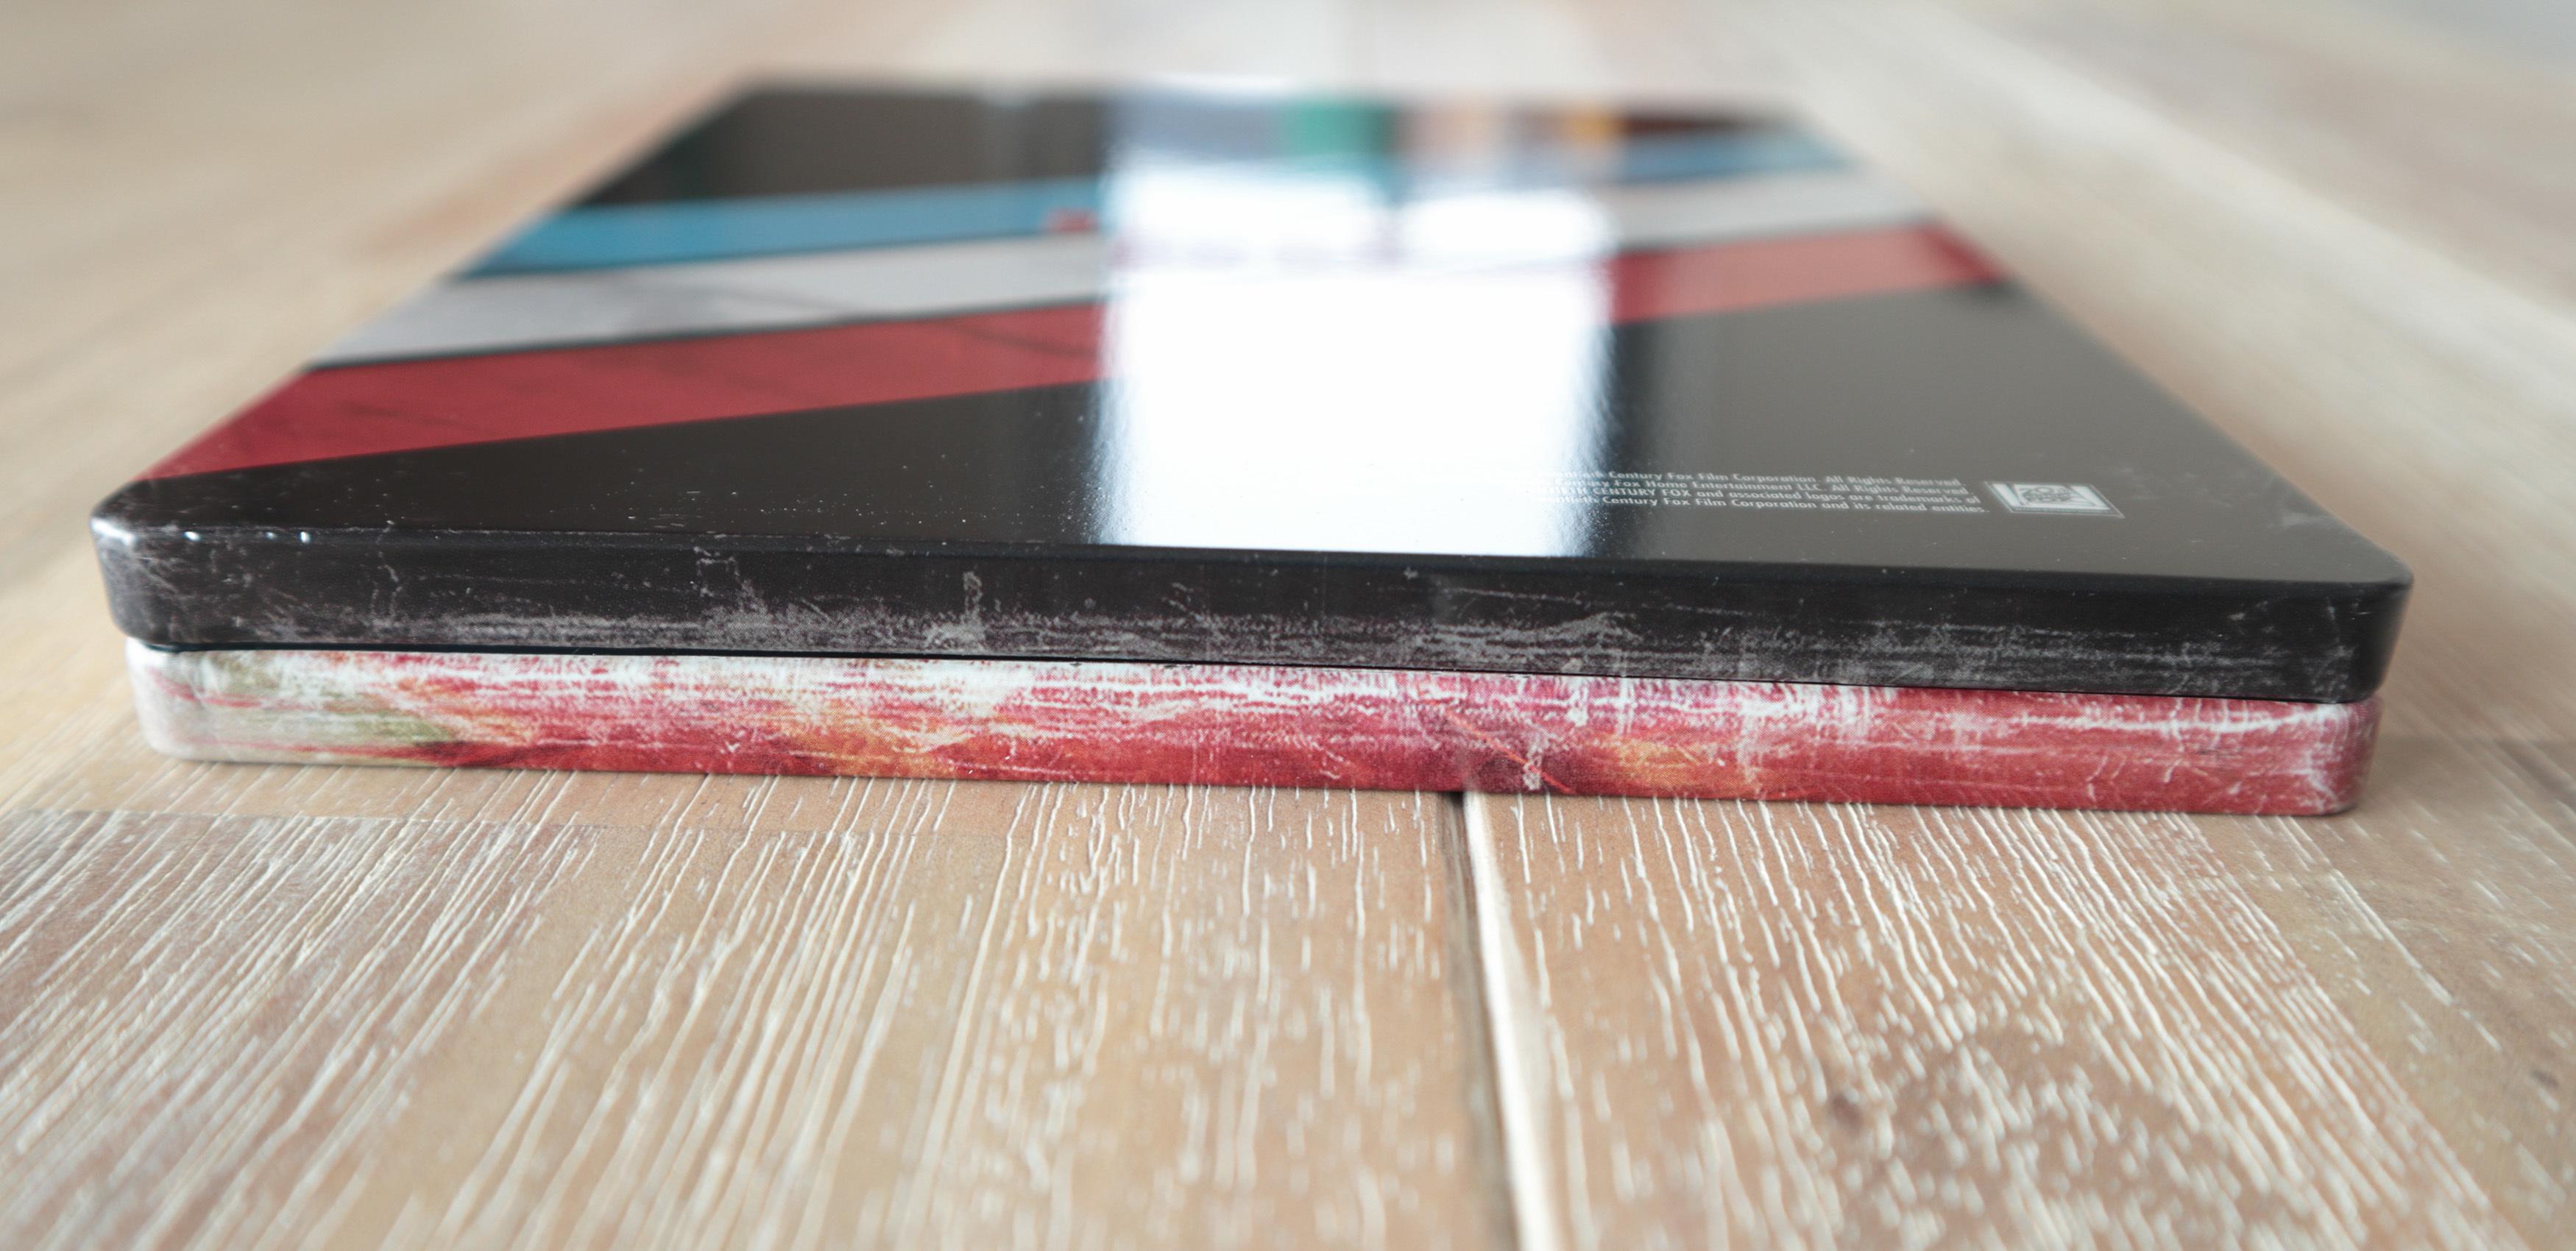 Ford v Ferrari best buy steelbook フォードvsフェラーリ スチールブック